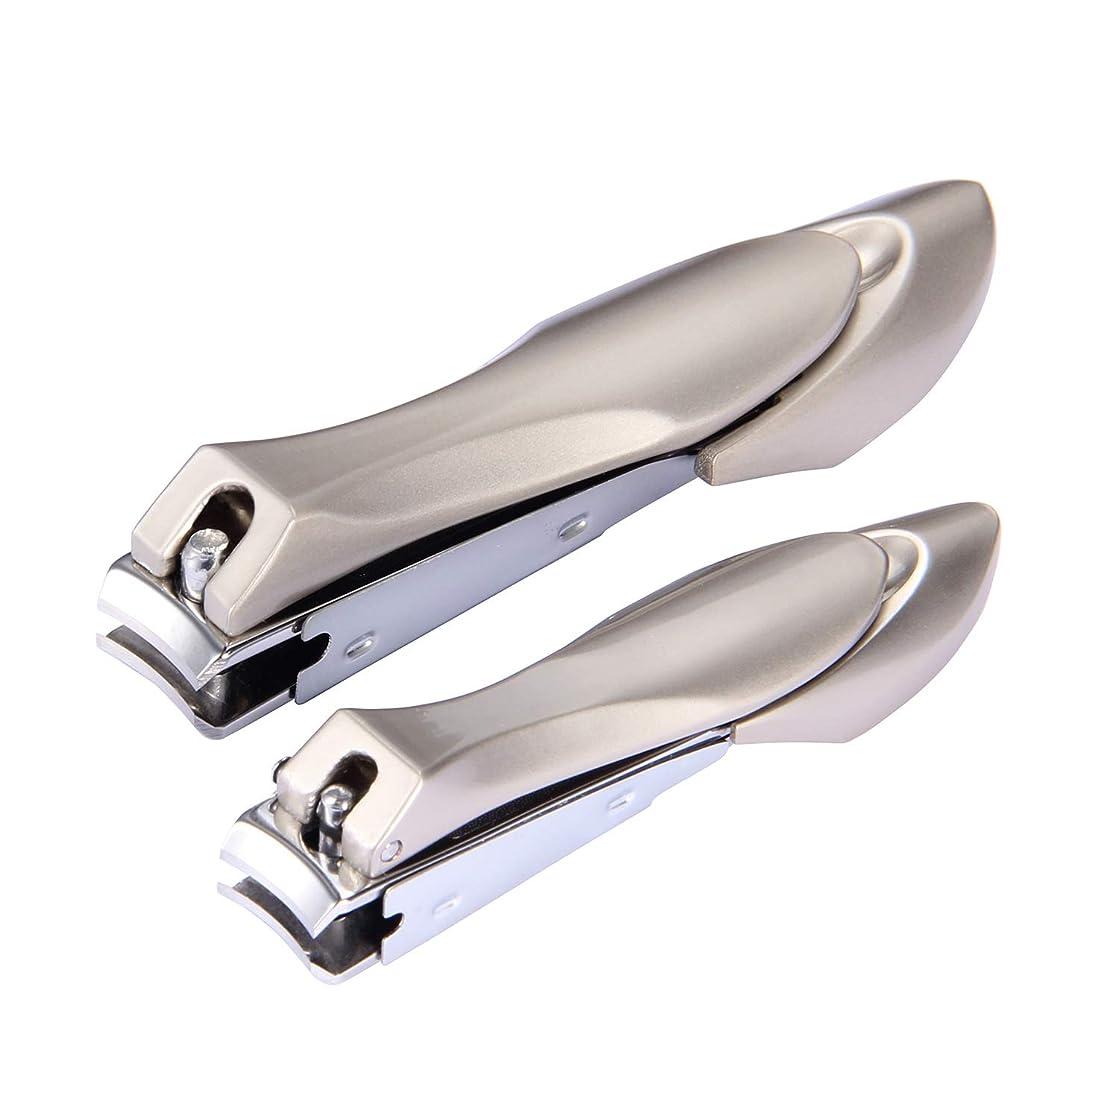 そっとのぞき見カトリック教徒爪切りセット、爪と爪のためのステンレス製の爪切り